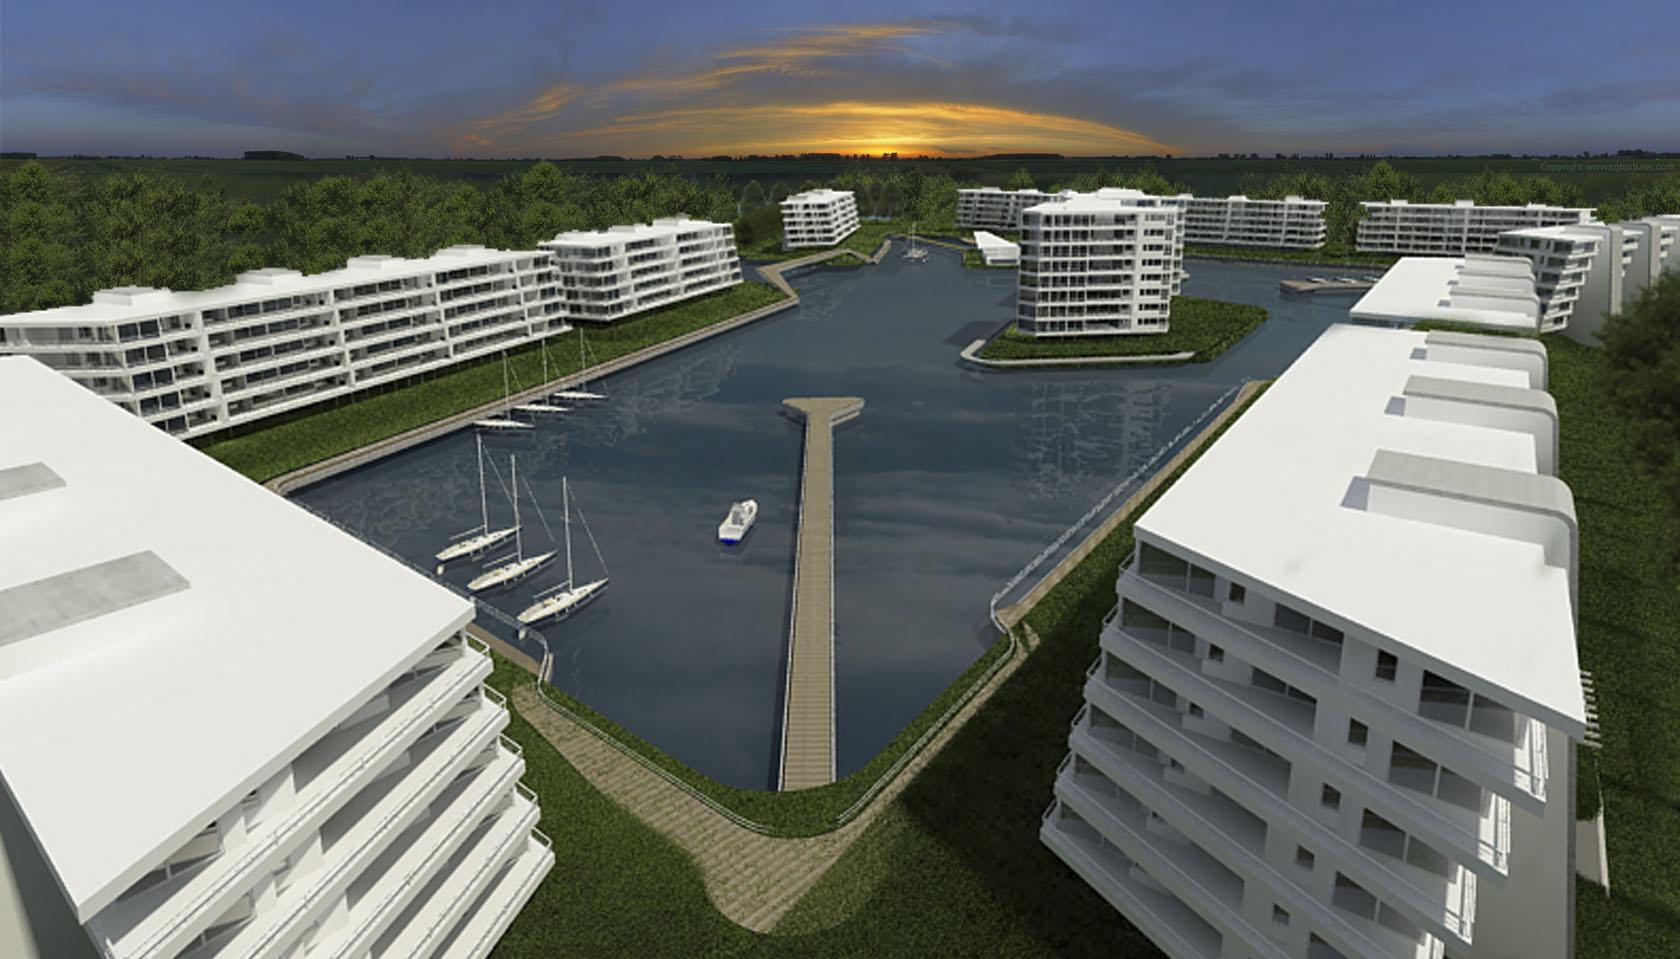 Arquitectura y paisaje, diseño de edificios en entornos naturales